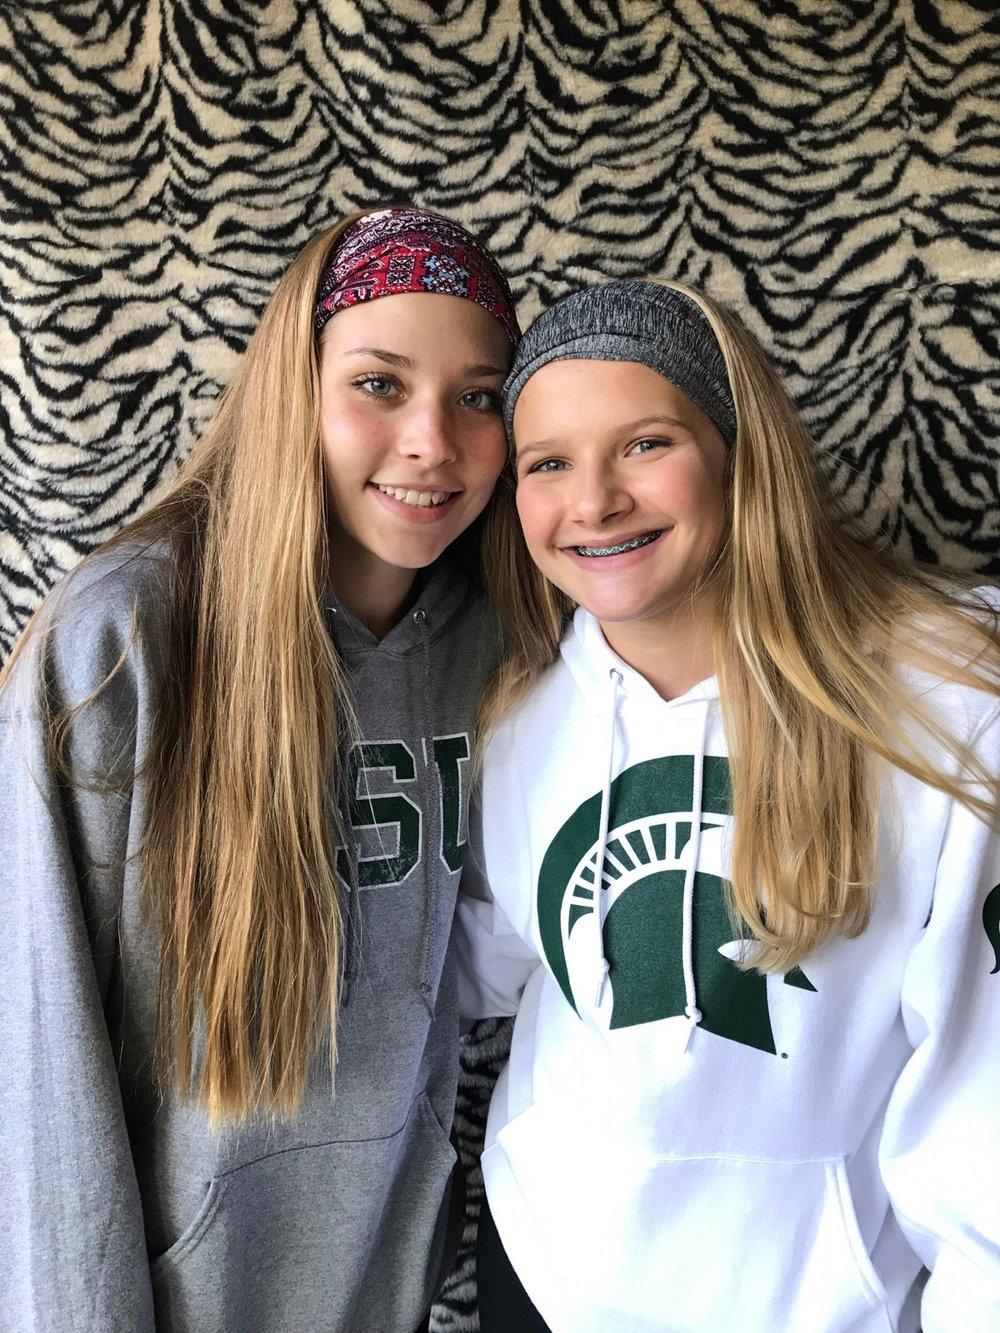 Lauren Moran & Jacq Williams: Bandeau Headbands: $10